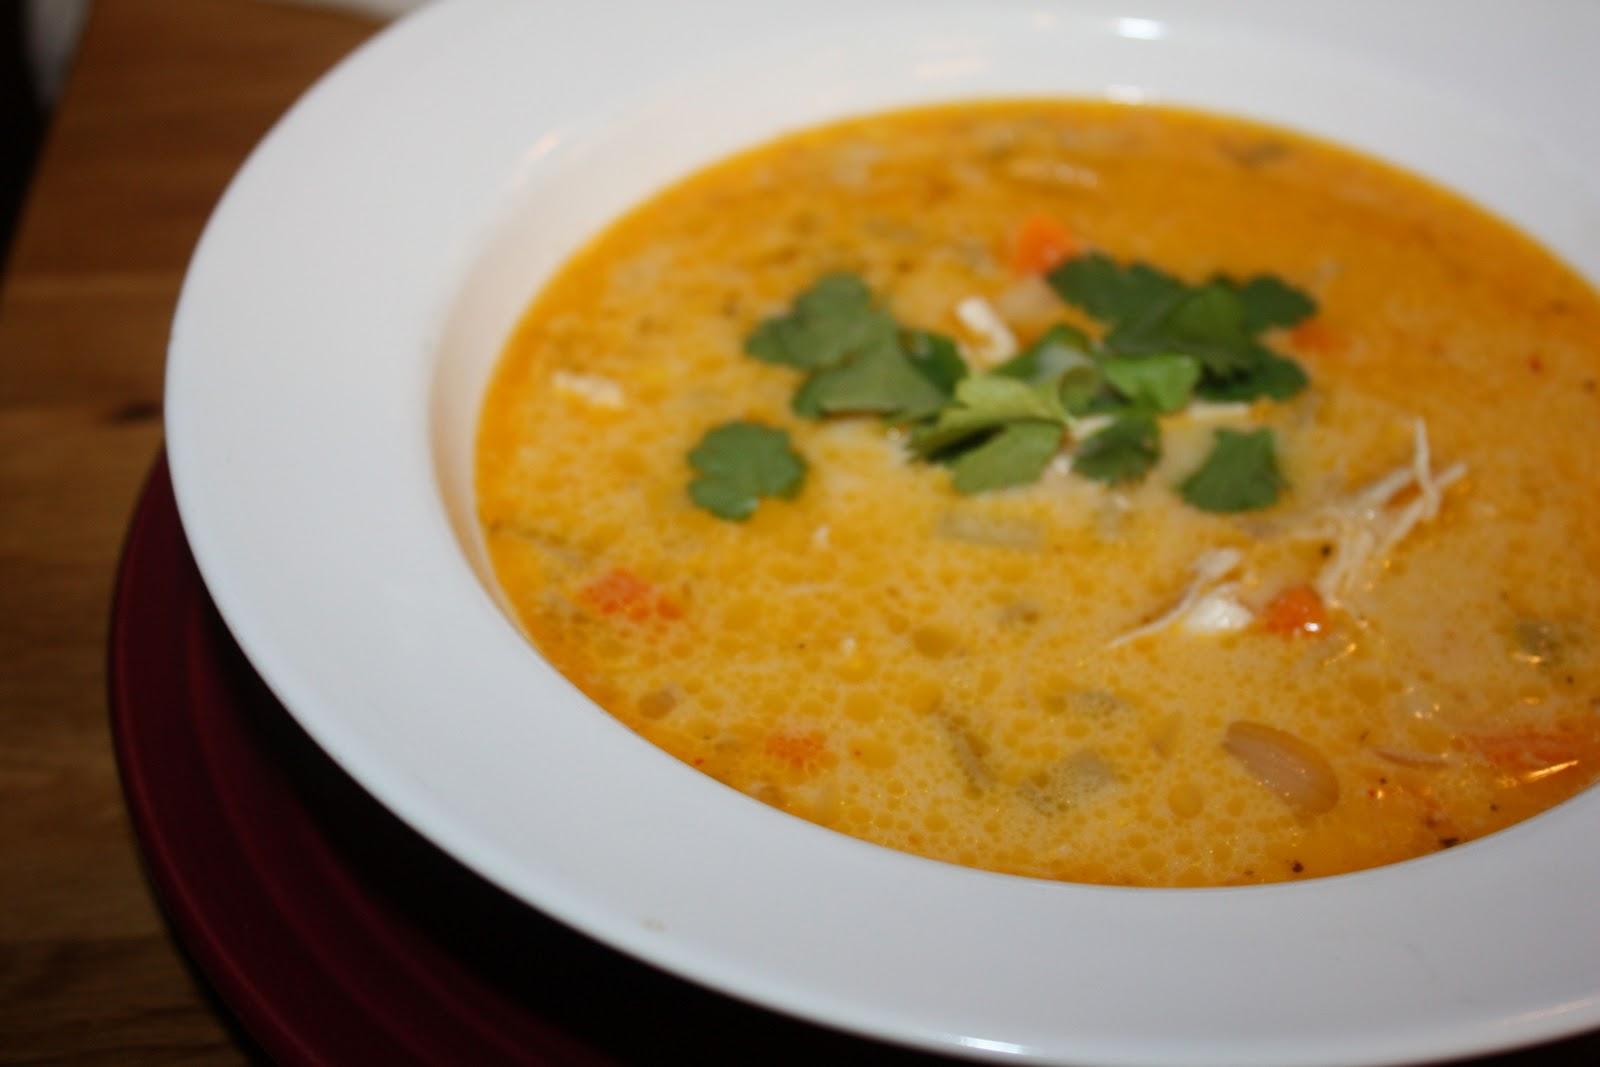 Thai Kitchen Coconut Soup